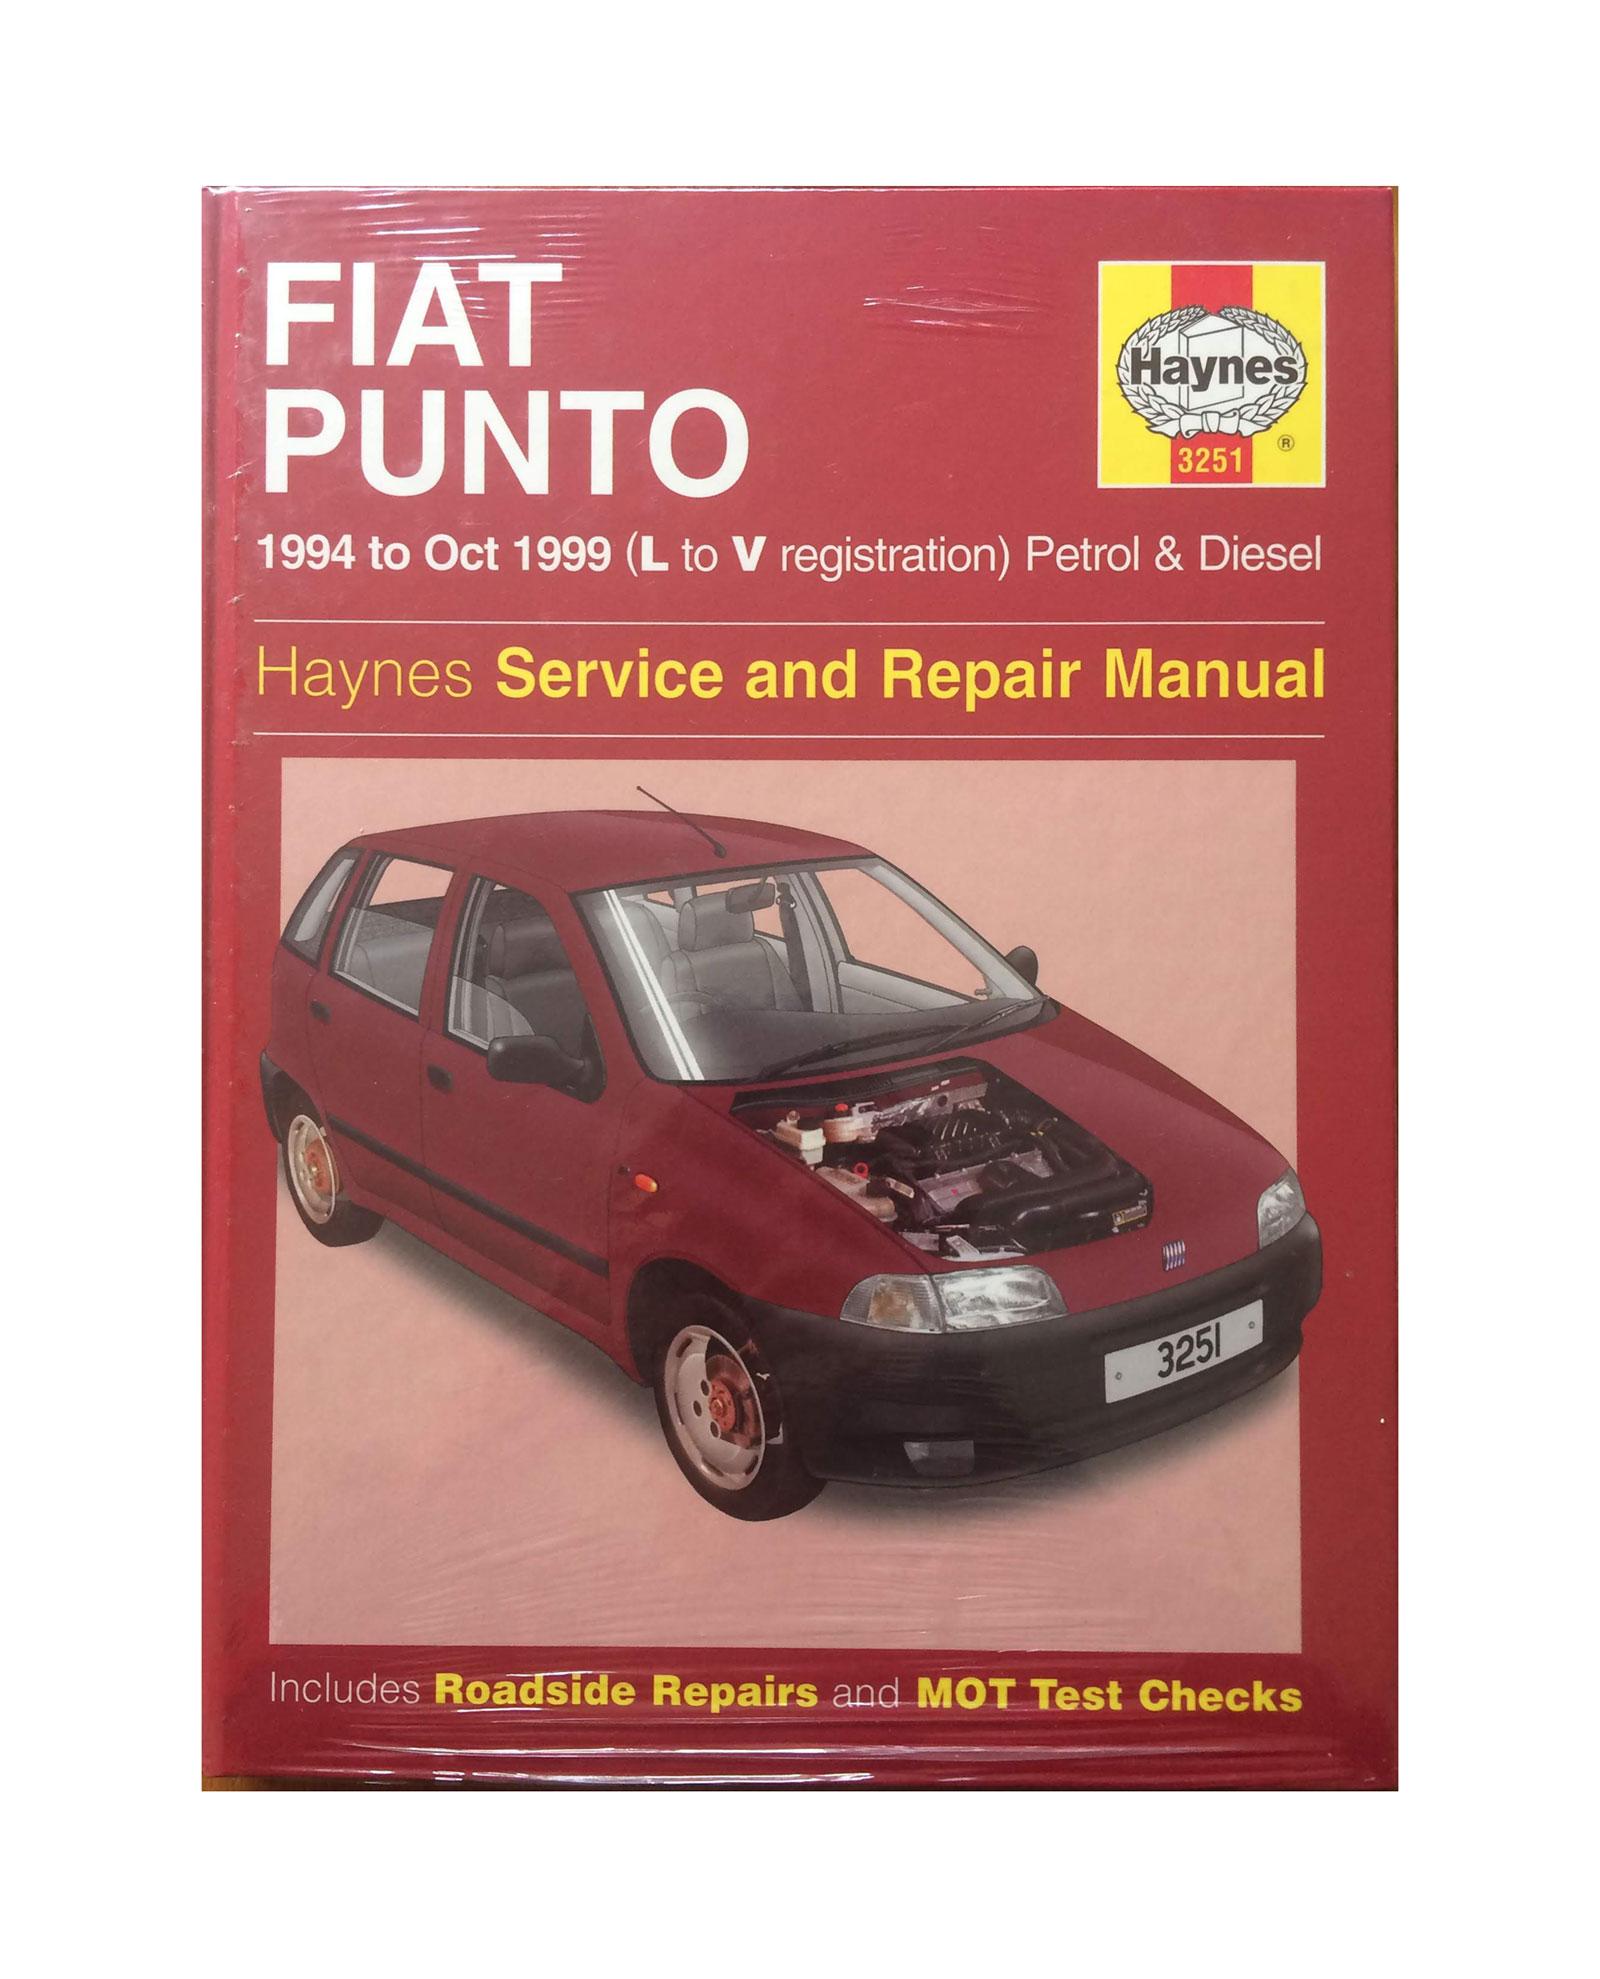 Fiat Punto Haynes Service And Repair Manual